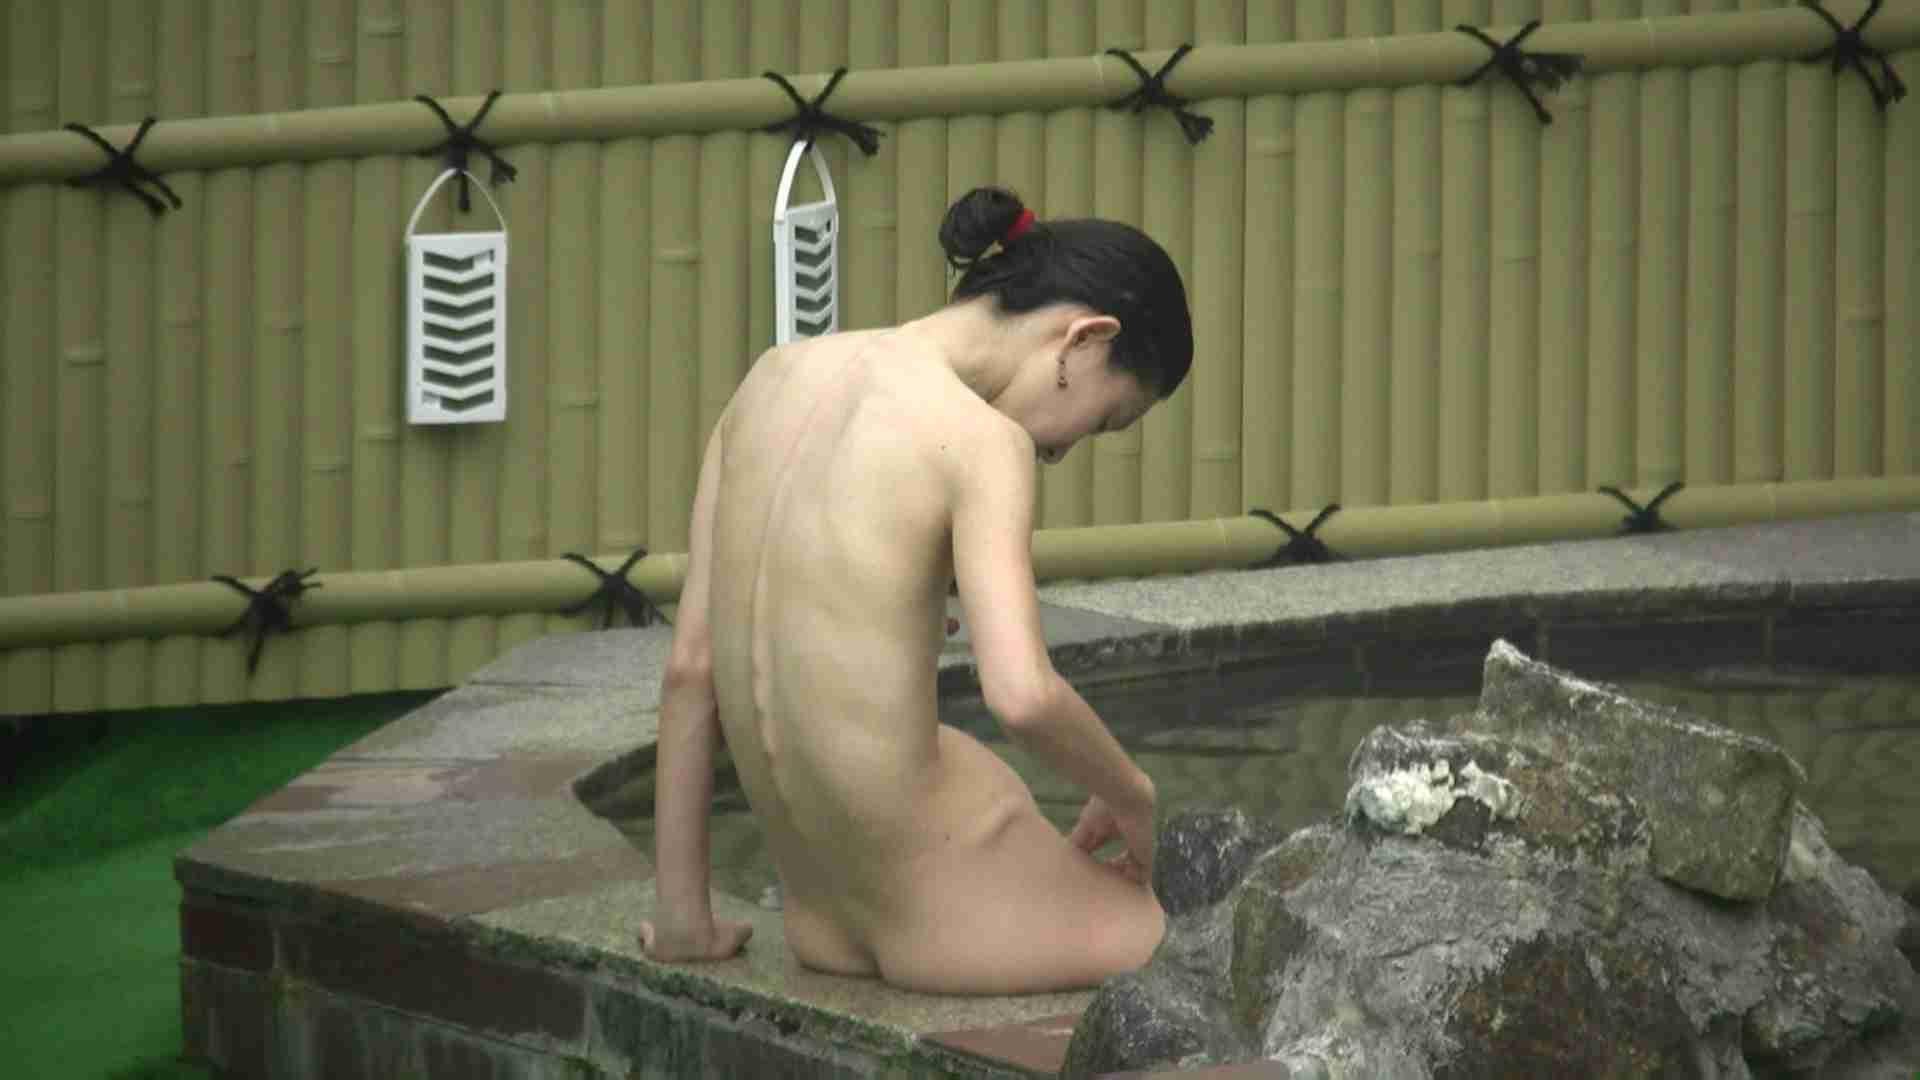 高画質露天女風呂観察 vol.031 望遠映像 | 露天風呂編  104PIX 61